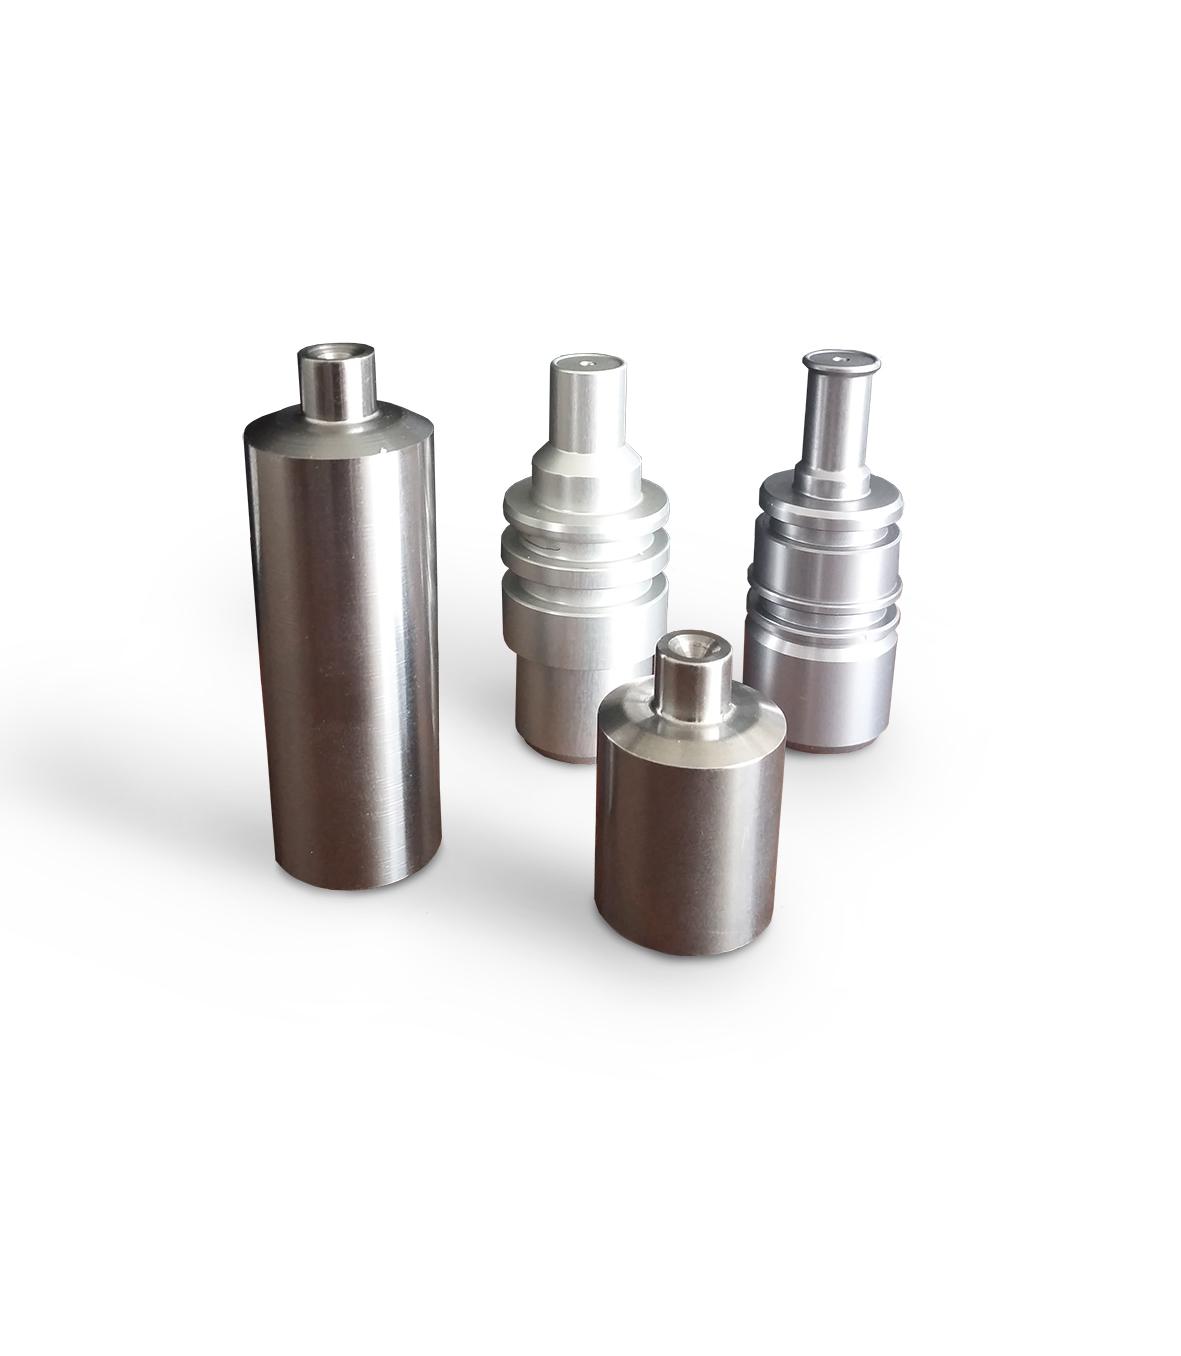 Produkty pro automobilový průmysl